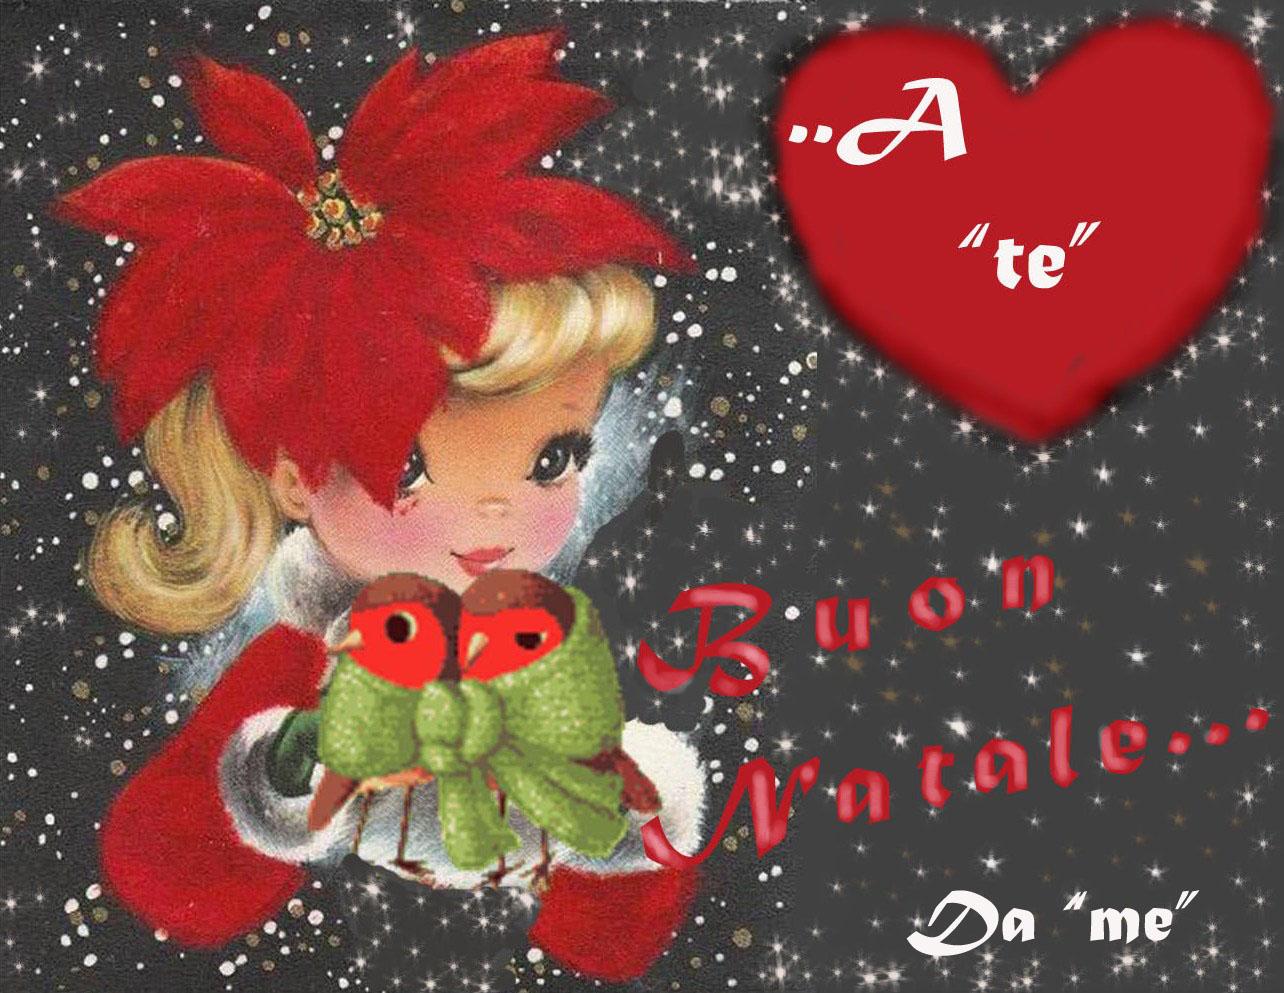 Amore Mio Buon Natale.Buon Natale Amore Mio